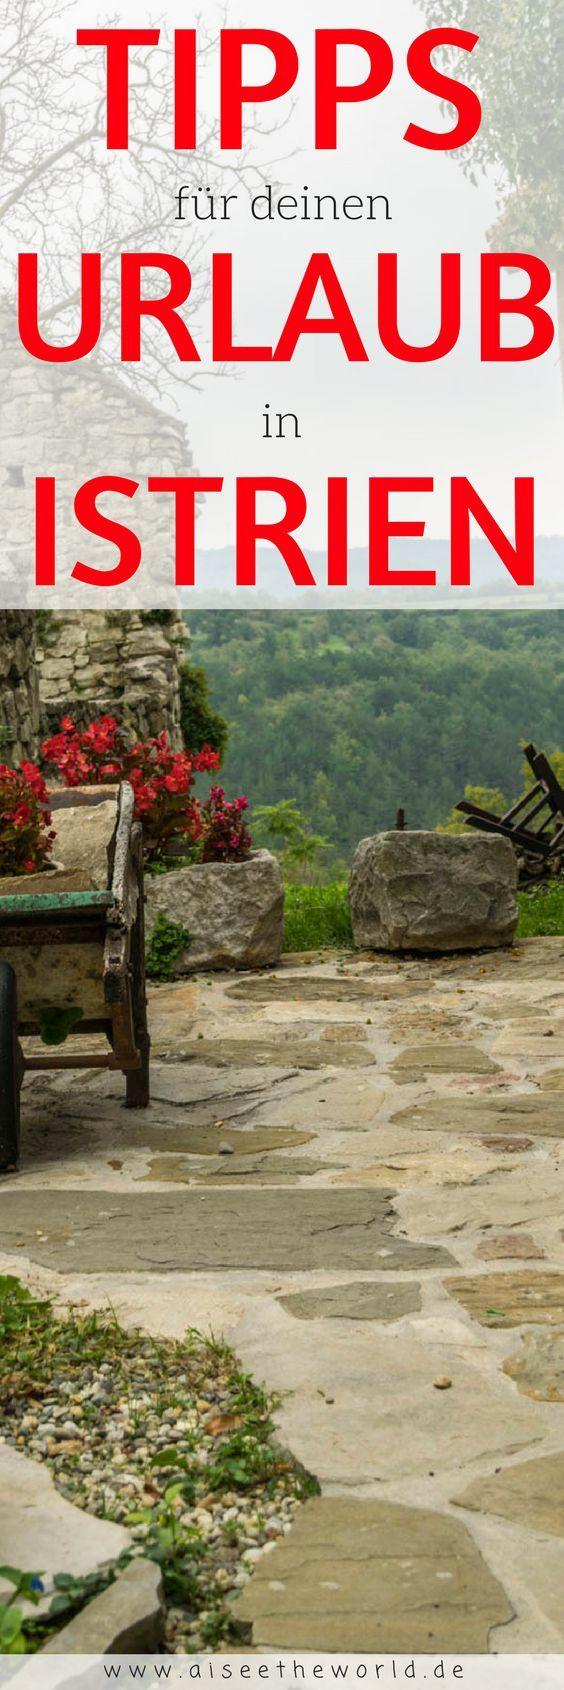 Du machst bald Urlaub in Istrien? Ich gebe dir Tipps für eine tolle Reise nach Kroatien und zeige dir, was wir in einer Woche erlebt haben. Rovinj, Motovun, die kleinste Stadt der Welt Hum, Motovun, Kotli, Sonnenuntergang, Sonnenaufgang, Essen gehen in Kroatien (Schwarzes Risotto), Porec, Vrsar, Pula... Mehr Reisetipps für deinen nächsten Urlaub findest du auf meinem Reiseblog www.aiseetheworld.de #kroatien #reisen #tipps #istrien #urlaub